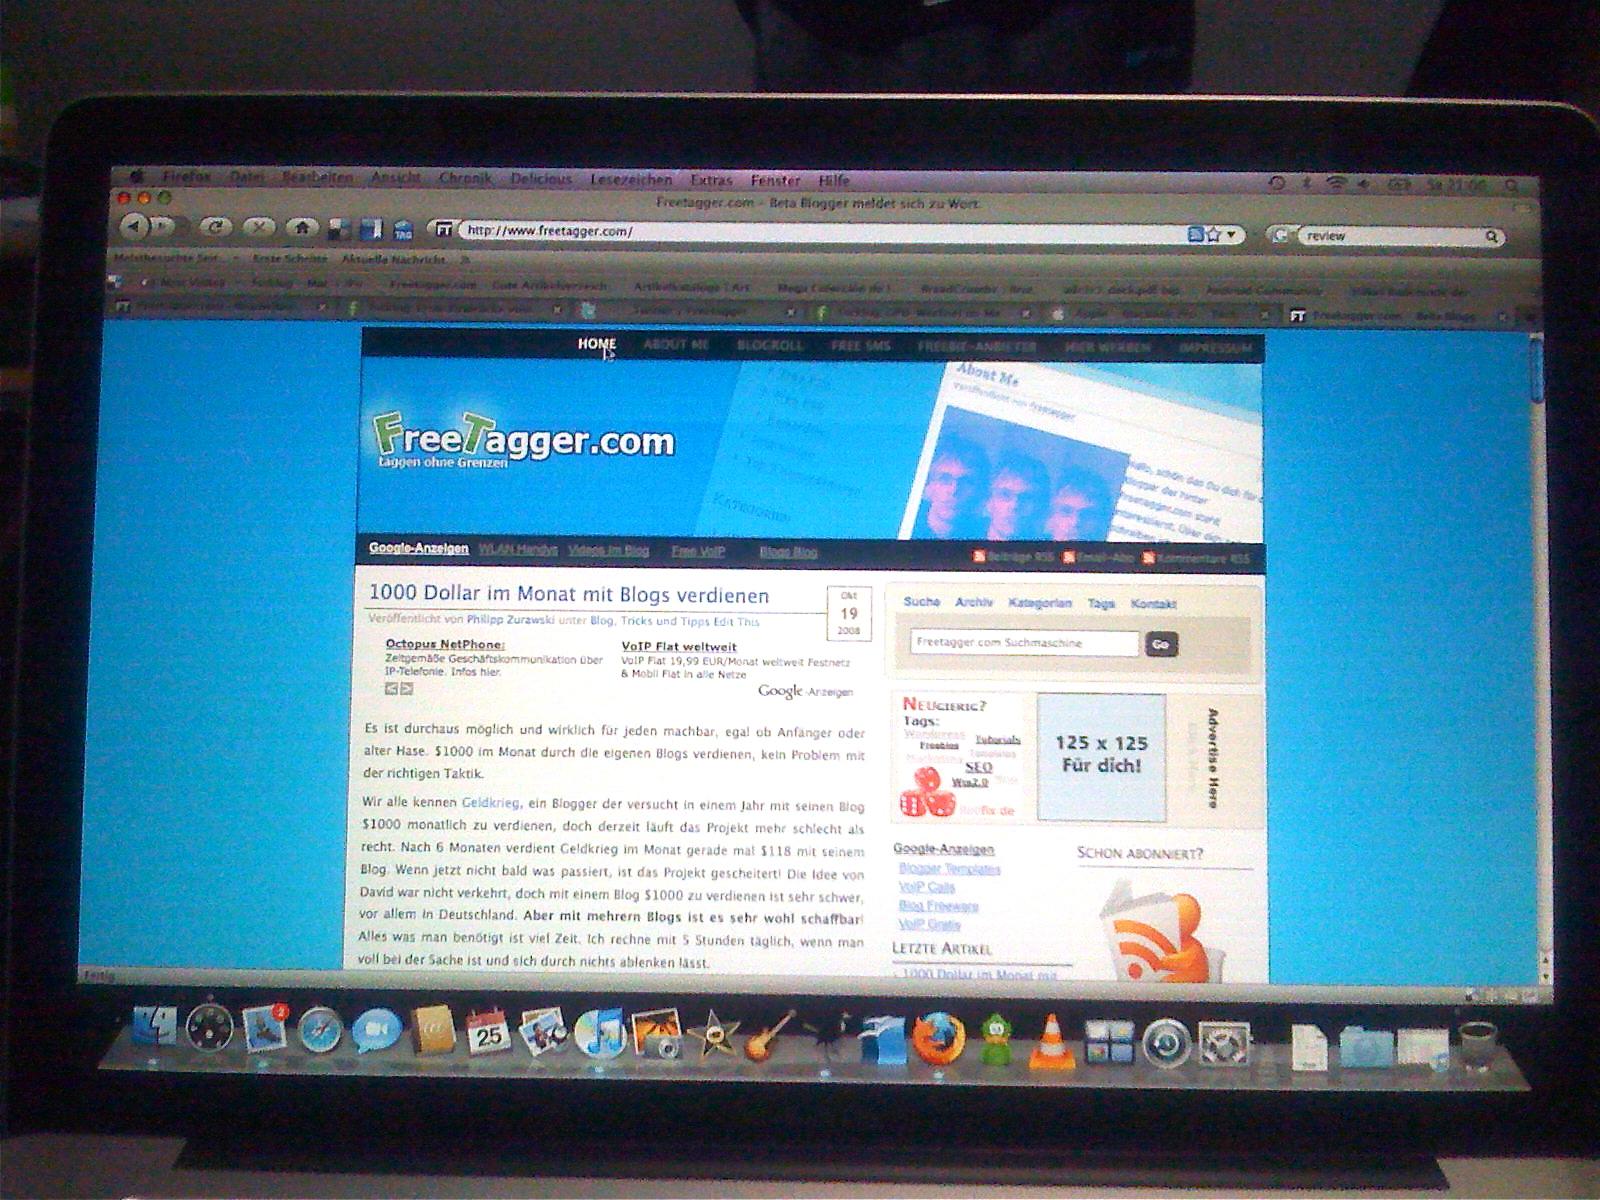 Freetagger.com auf dem MacBook